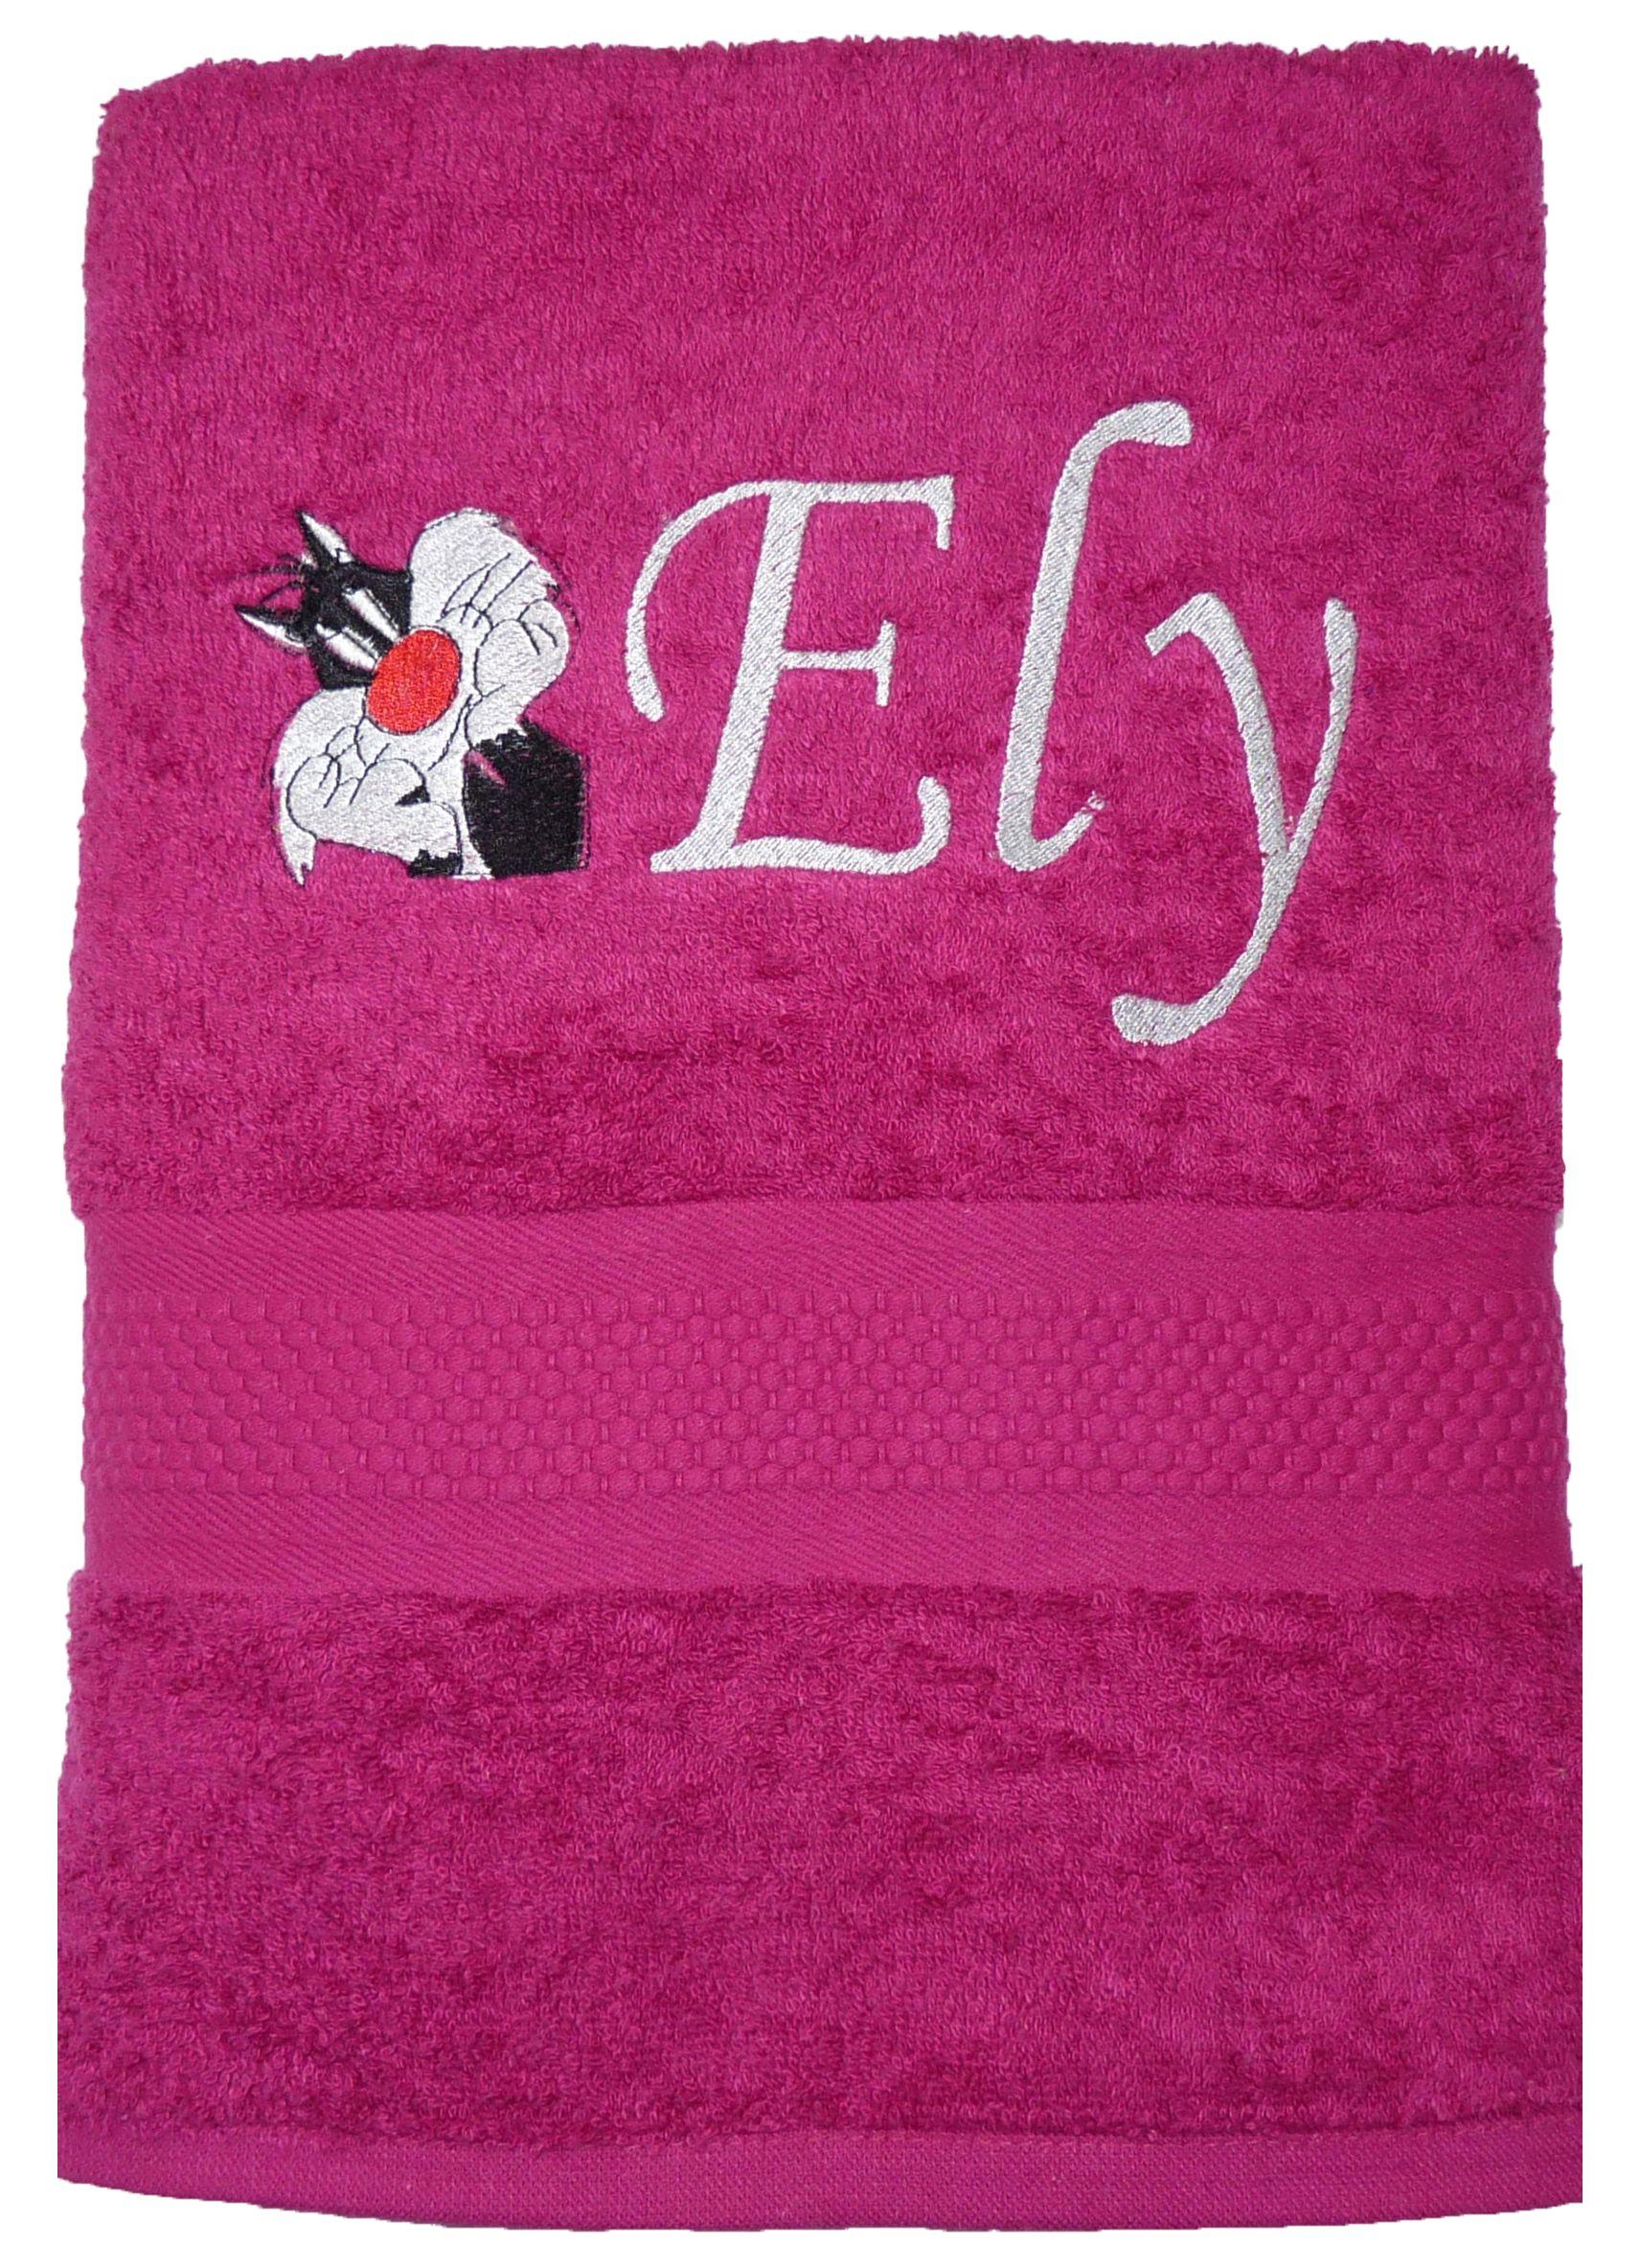 Servicio personalizado de bordado en toallas y batas de baño. | Para ...